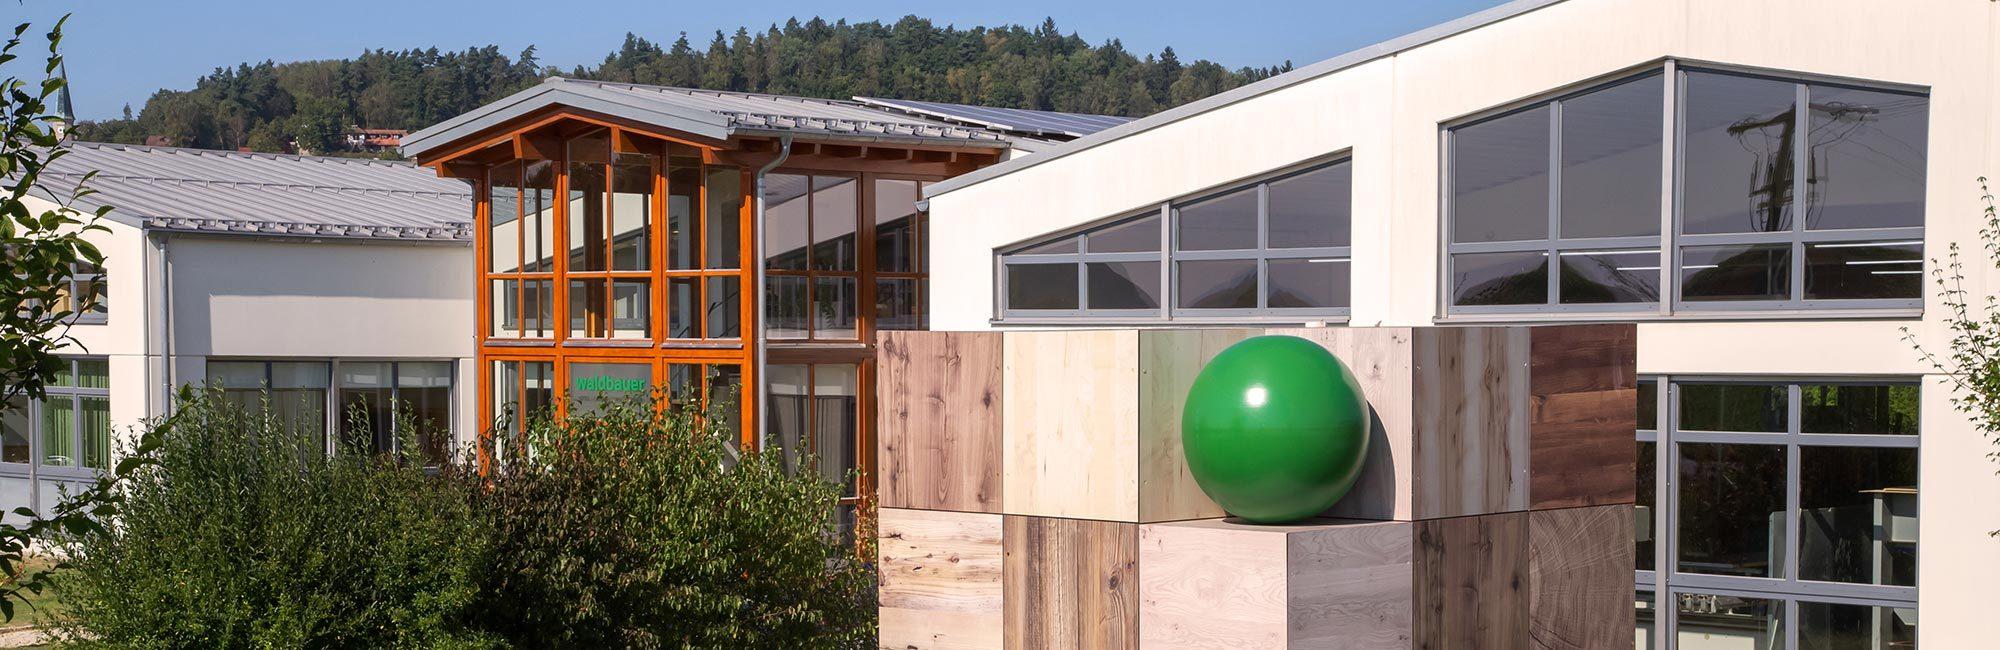 Unternehmen Waldbauer | Hoteleinrichtungen und Gastroeinrichtungen